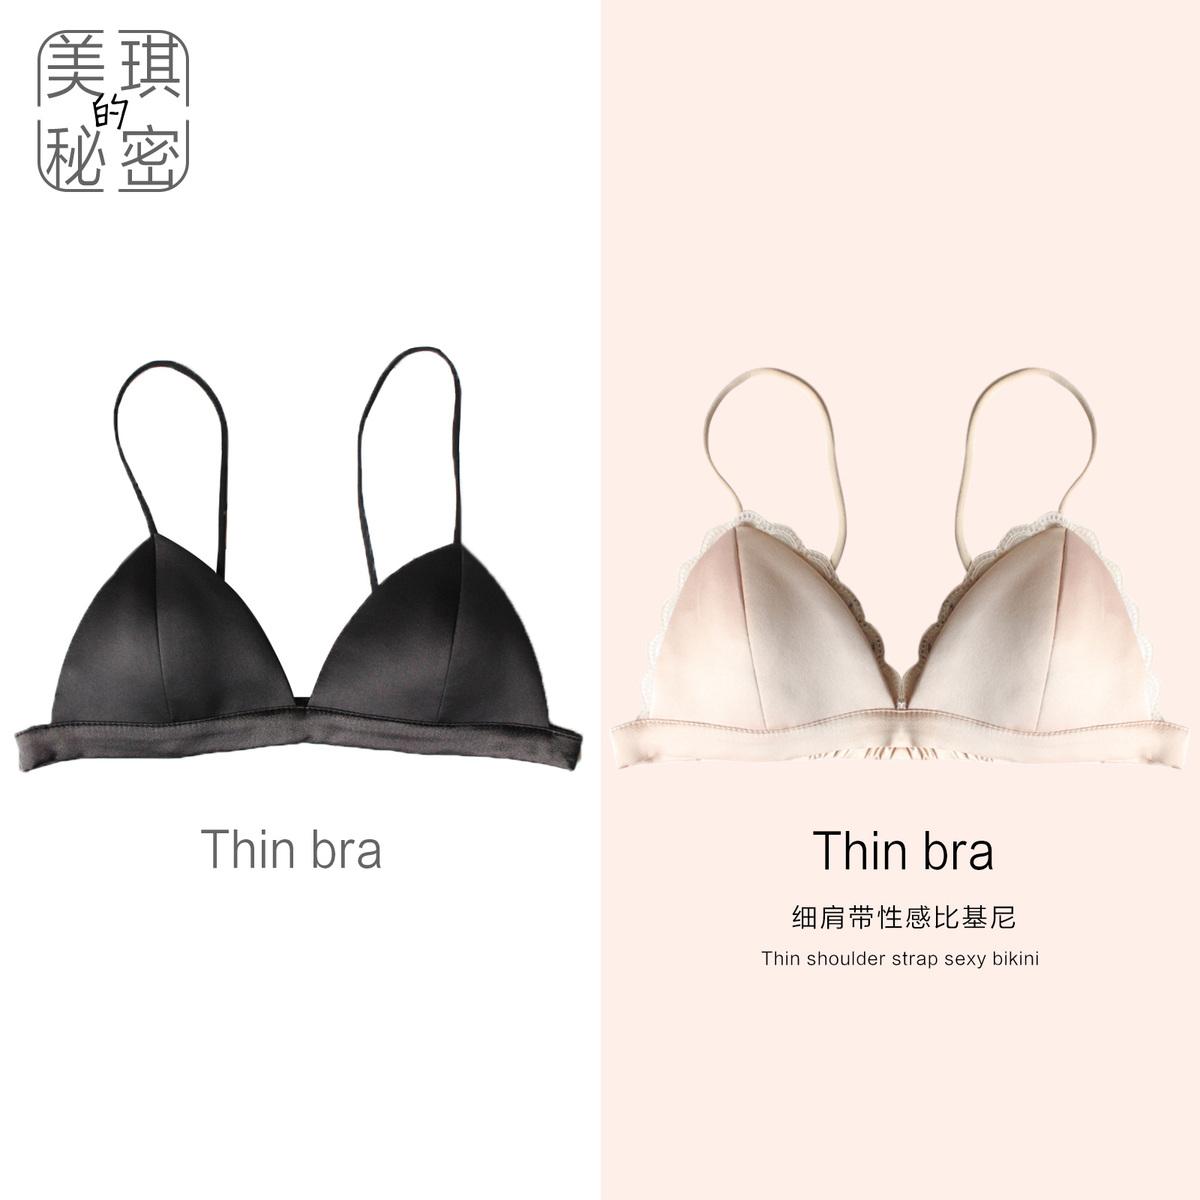 Dây đeo vai mỏng sexy bikini tam giác cup đồ lót không có vòng thép ngực nhỏ mô phỏng lụa bên ngoài vest áo ngực không lồi